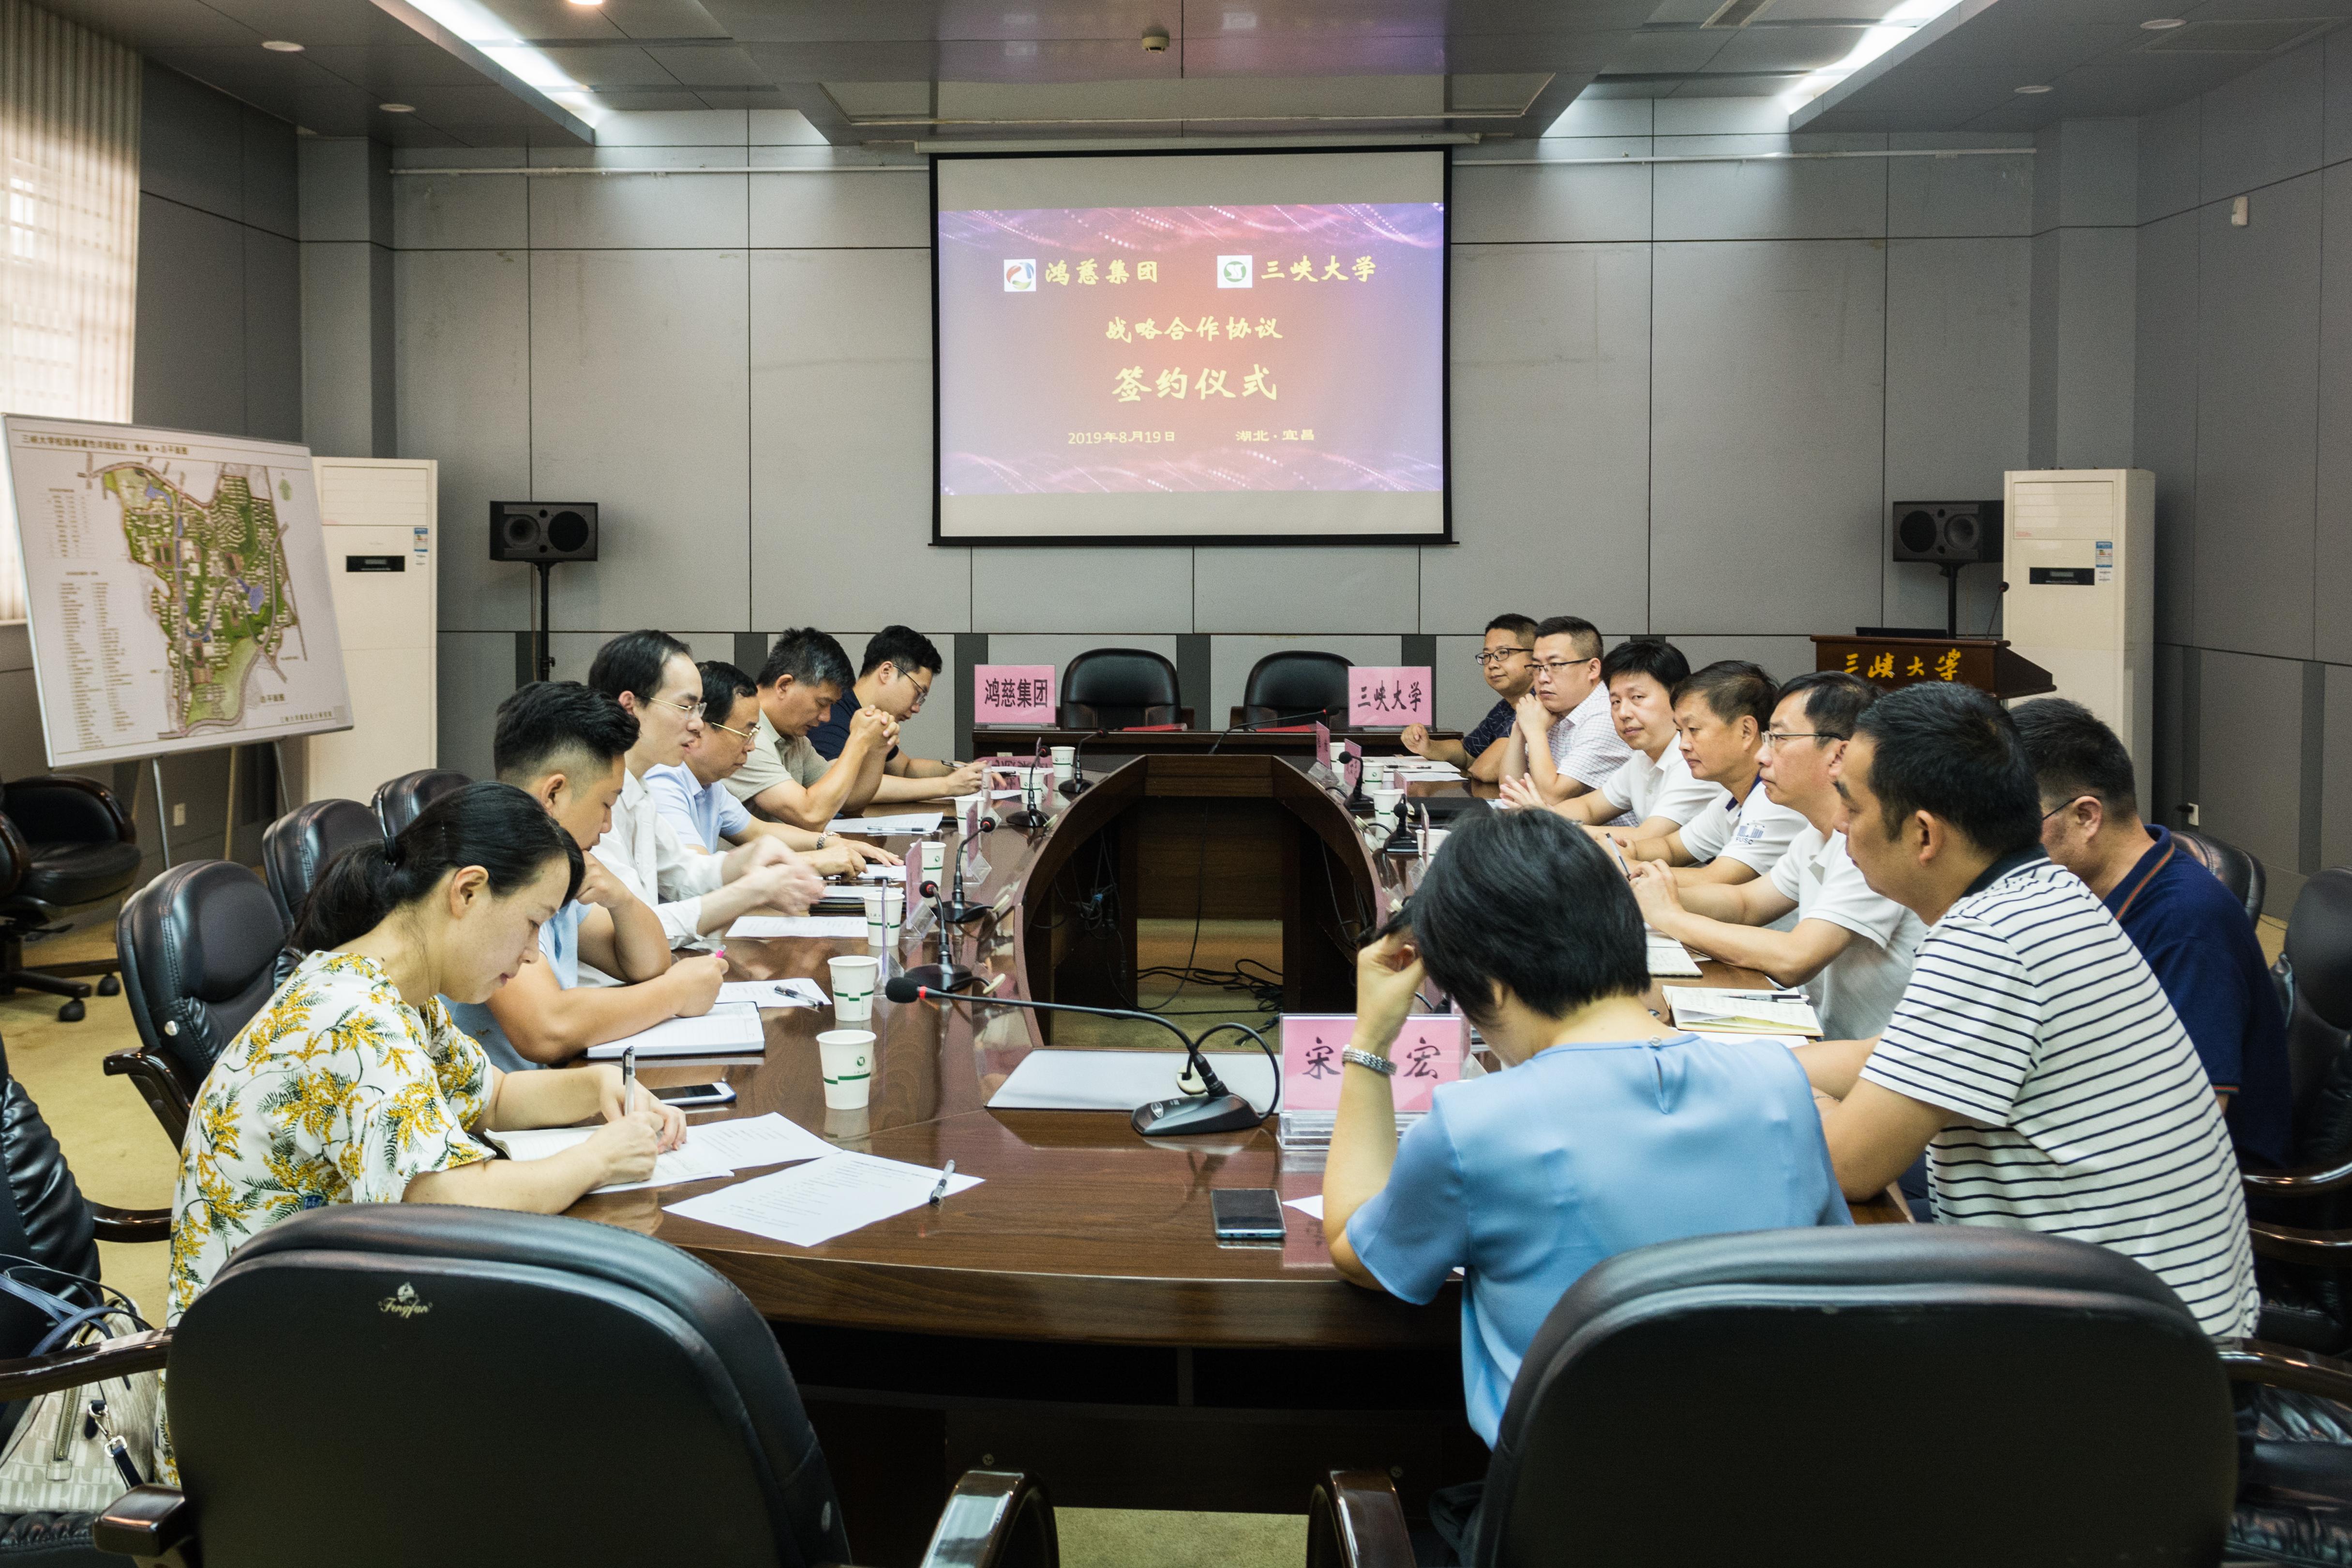 我校与浙江鸿慈集团签署战略合作协议